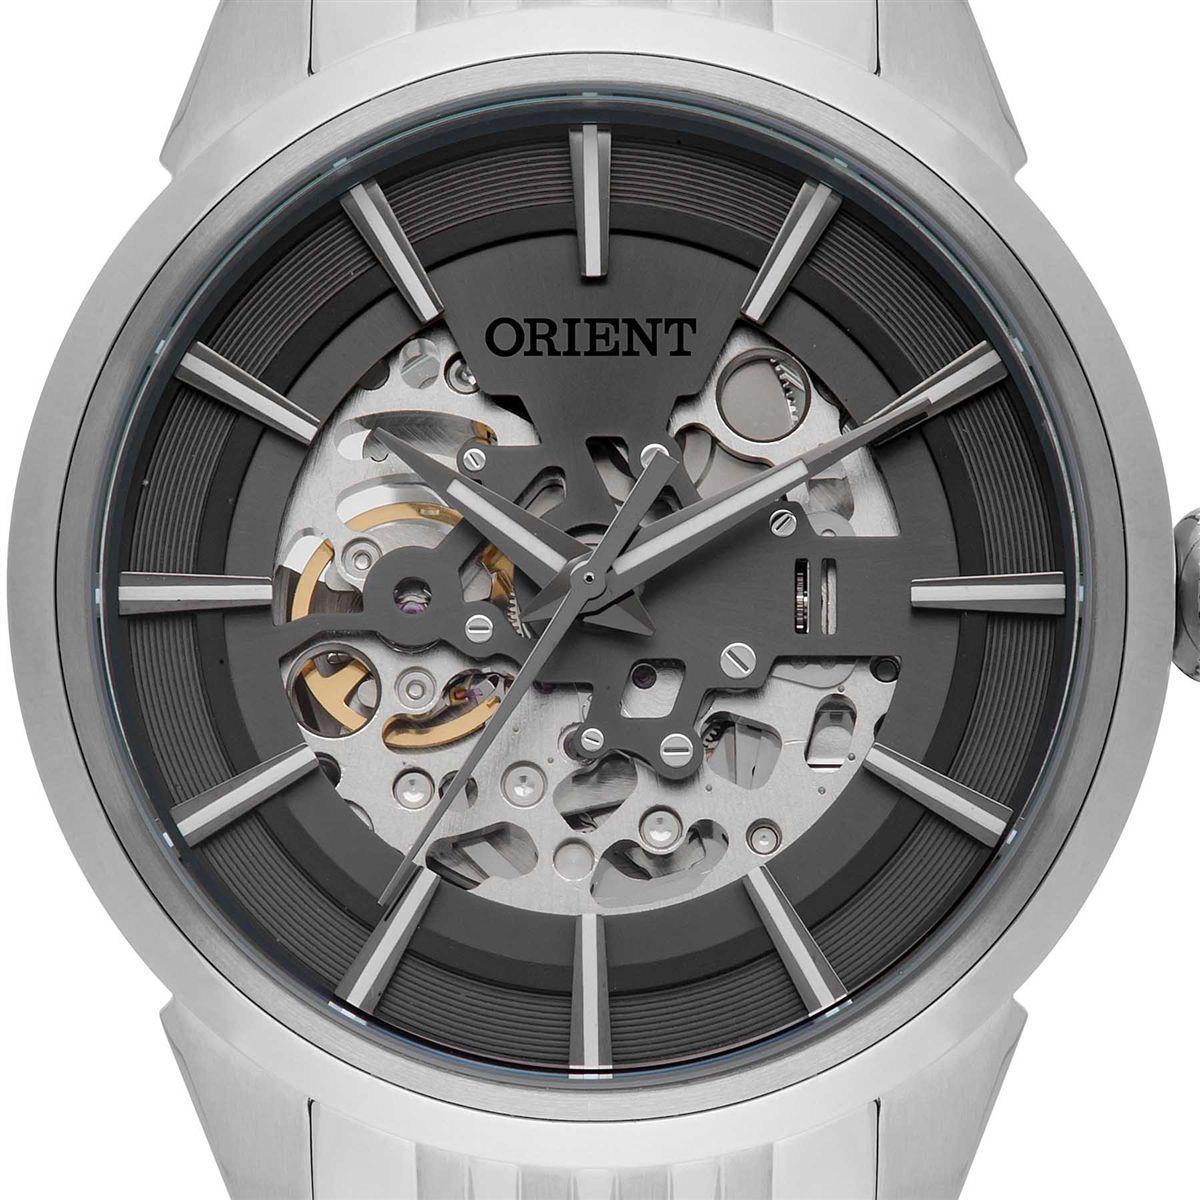 Relógio Orient Automático Masculino NH7SS001 G1SX Esqueleto Produto não  disponível afe97dfe93